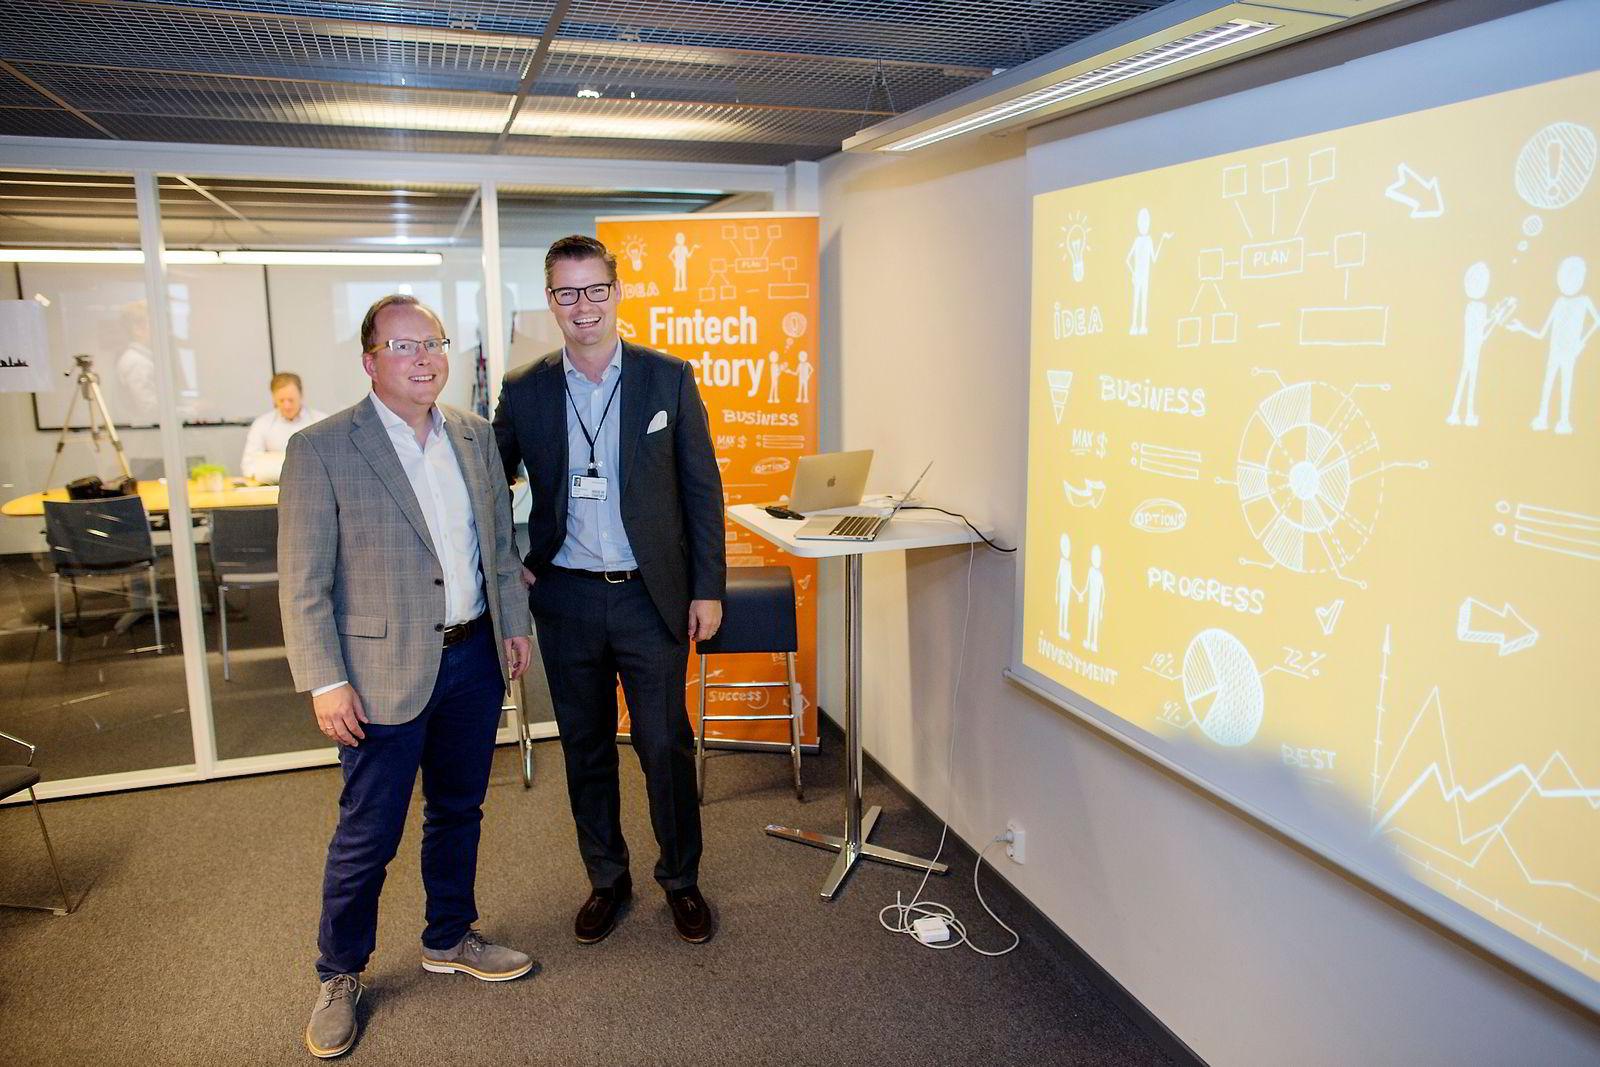 Hans Christian Bjørne programdirektør (til venstre) og Ingar Bentsen daglig leder i Fintech Factory. Foto: